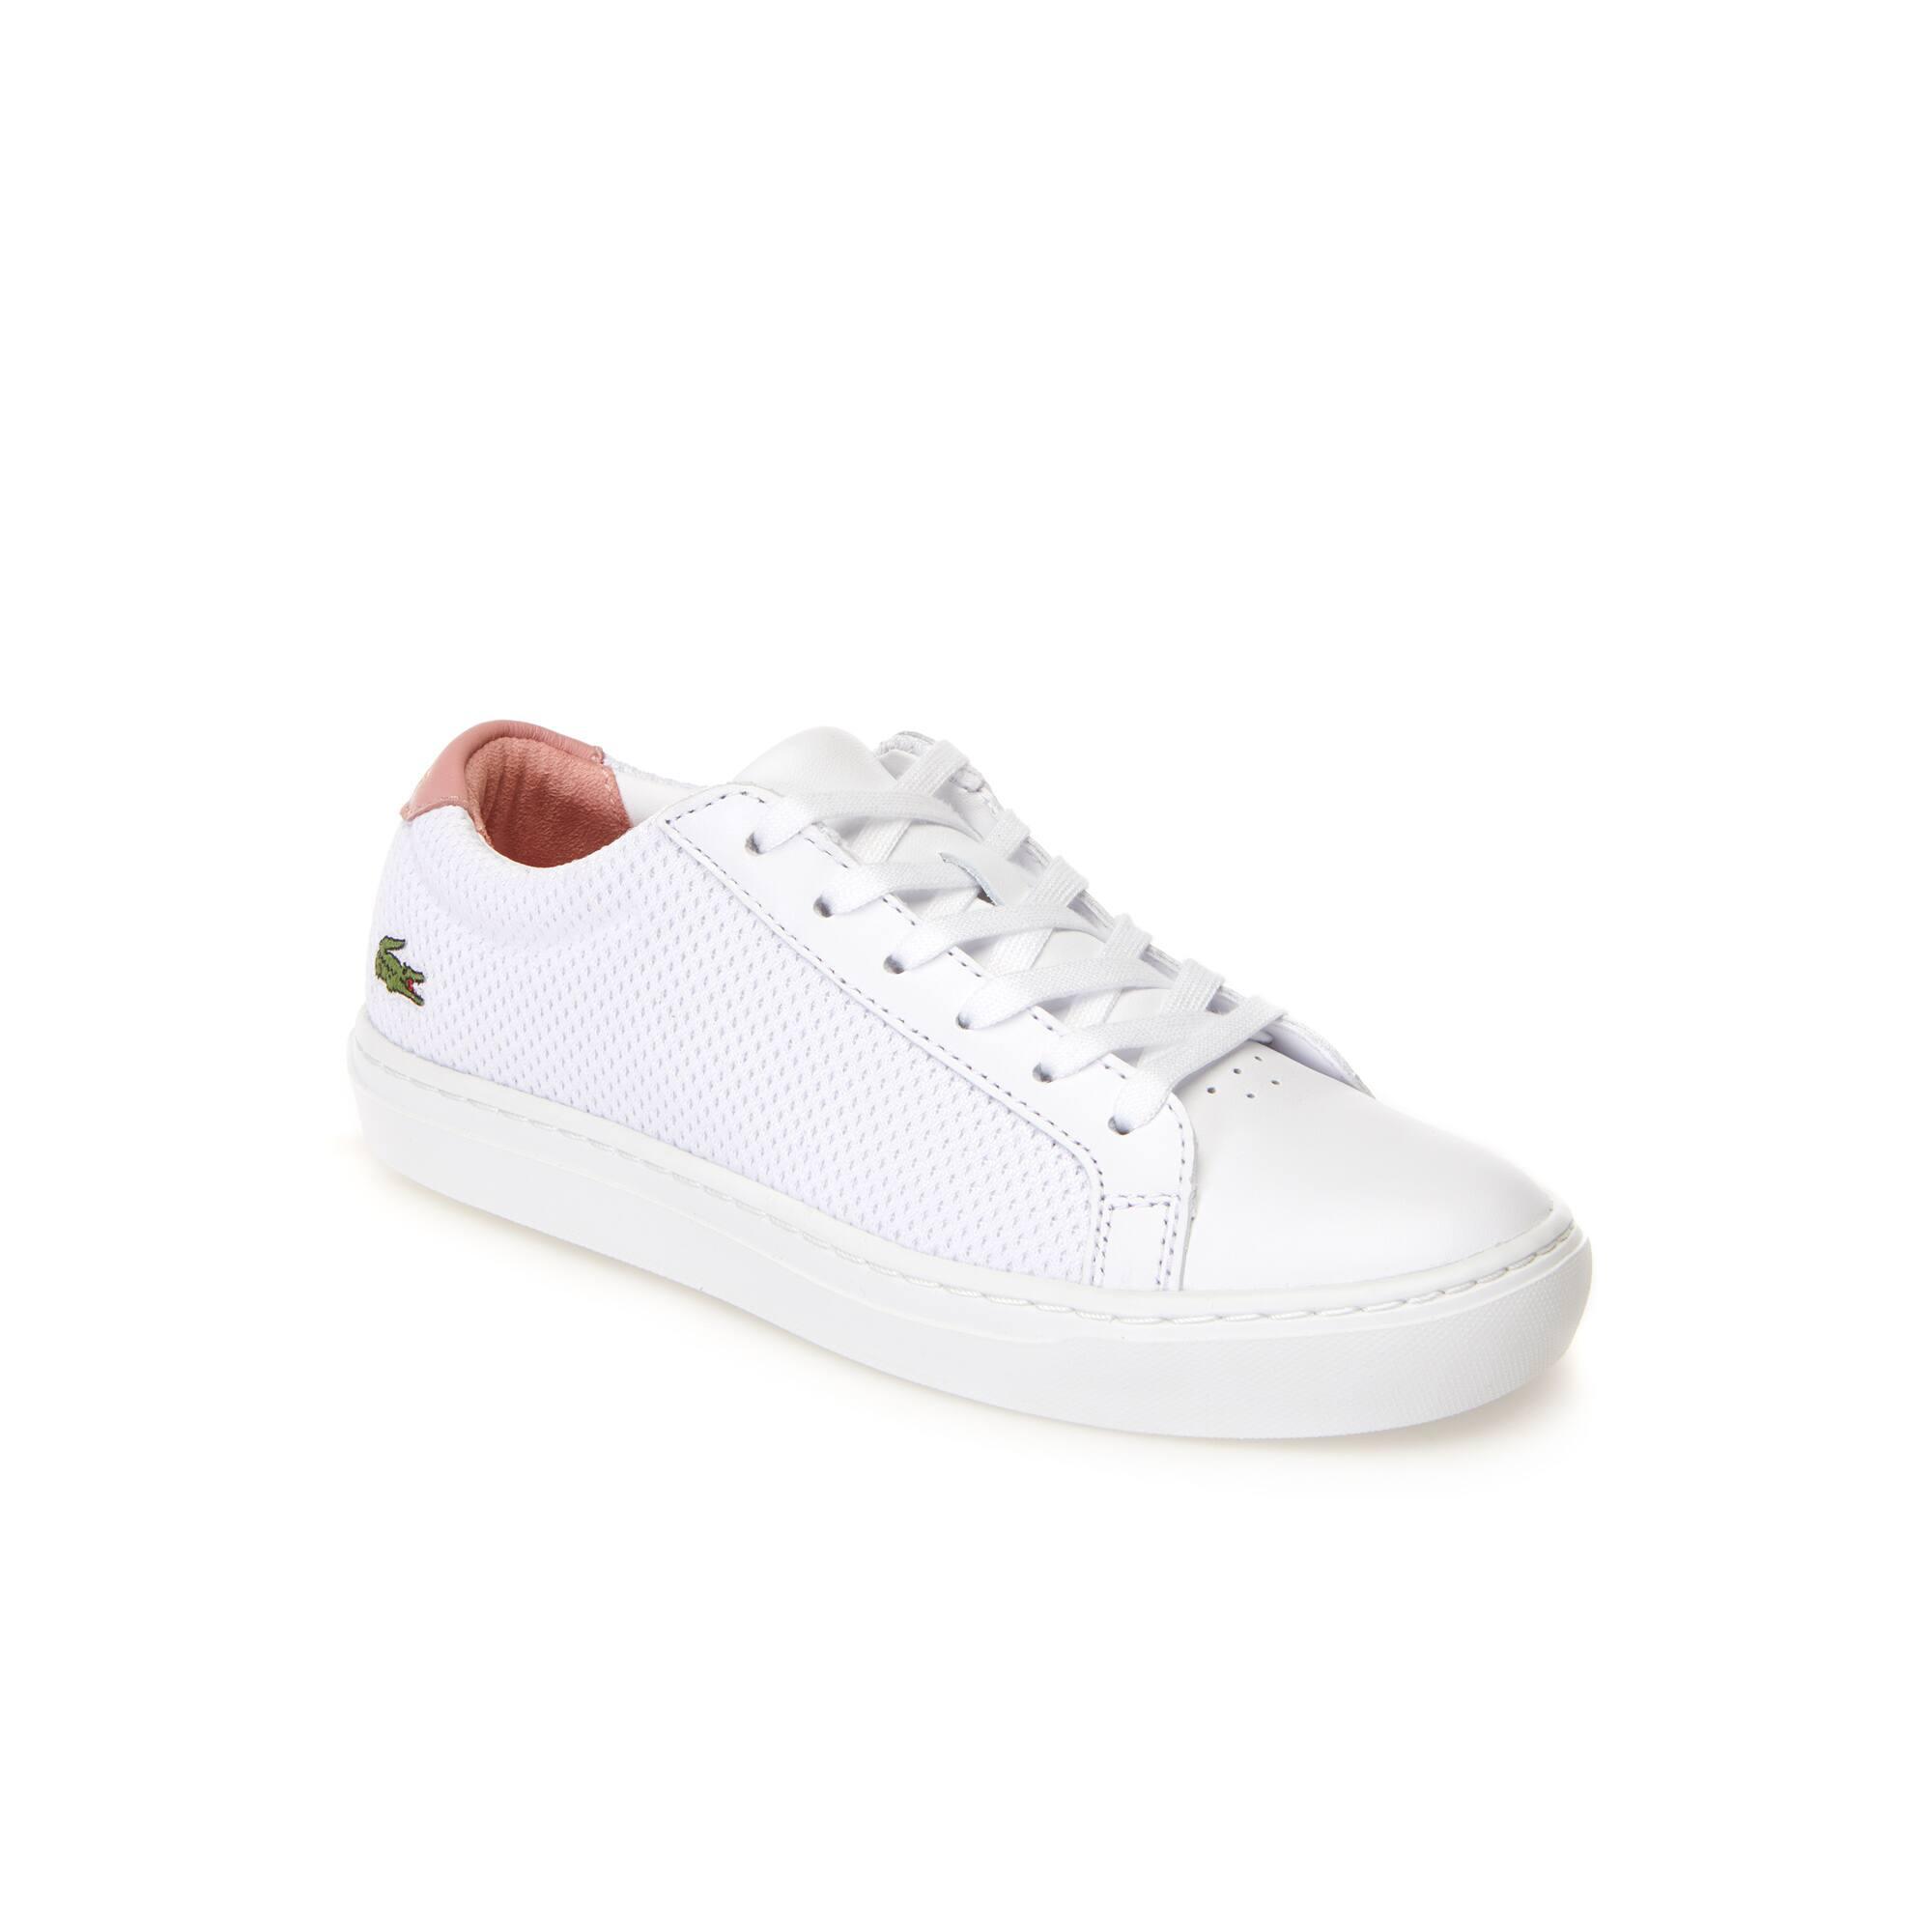 Les Lacoste Les Toutes Toutes Chaussures FemmeSoldes Chaussures dWCxoBre